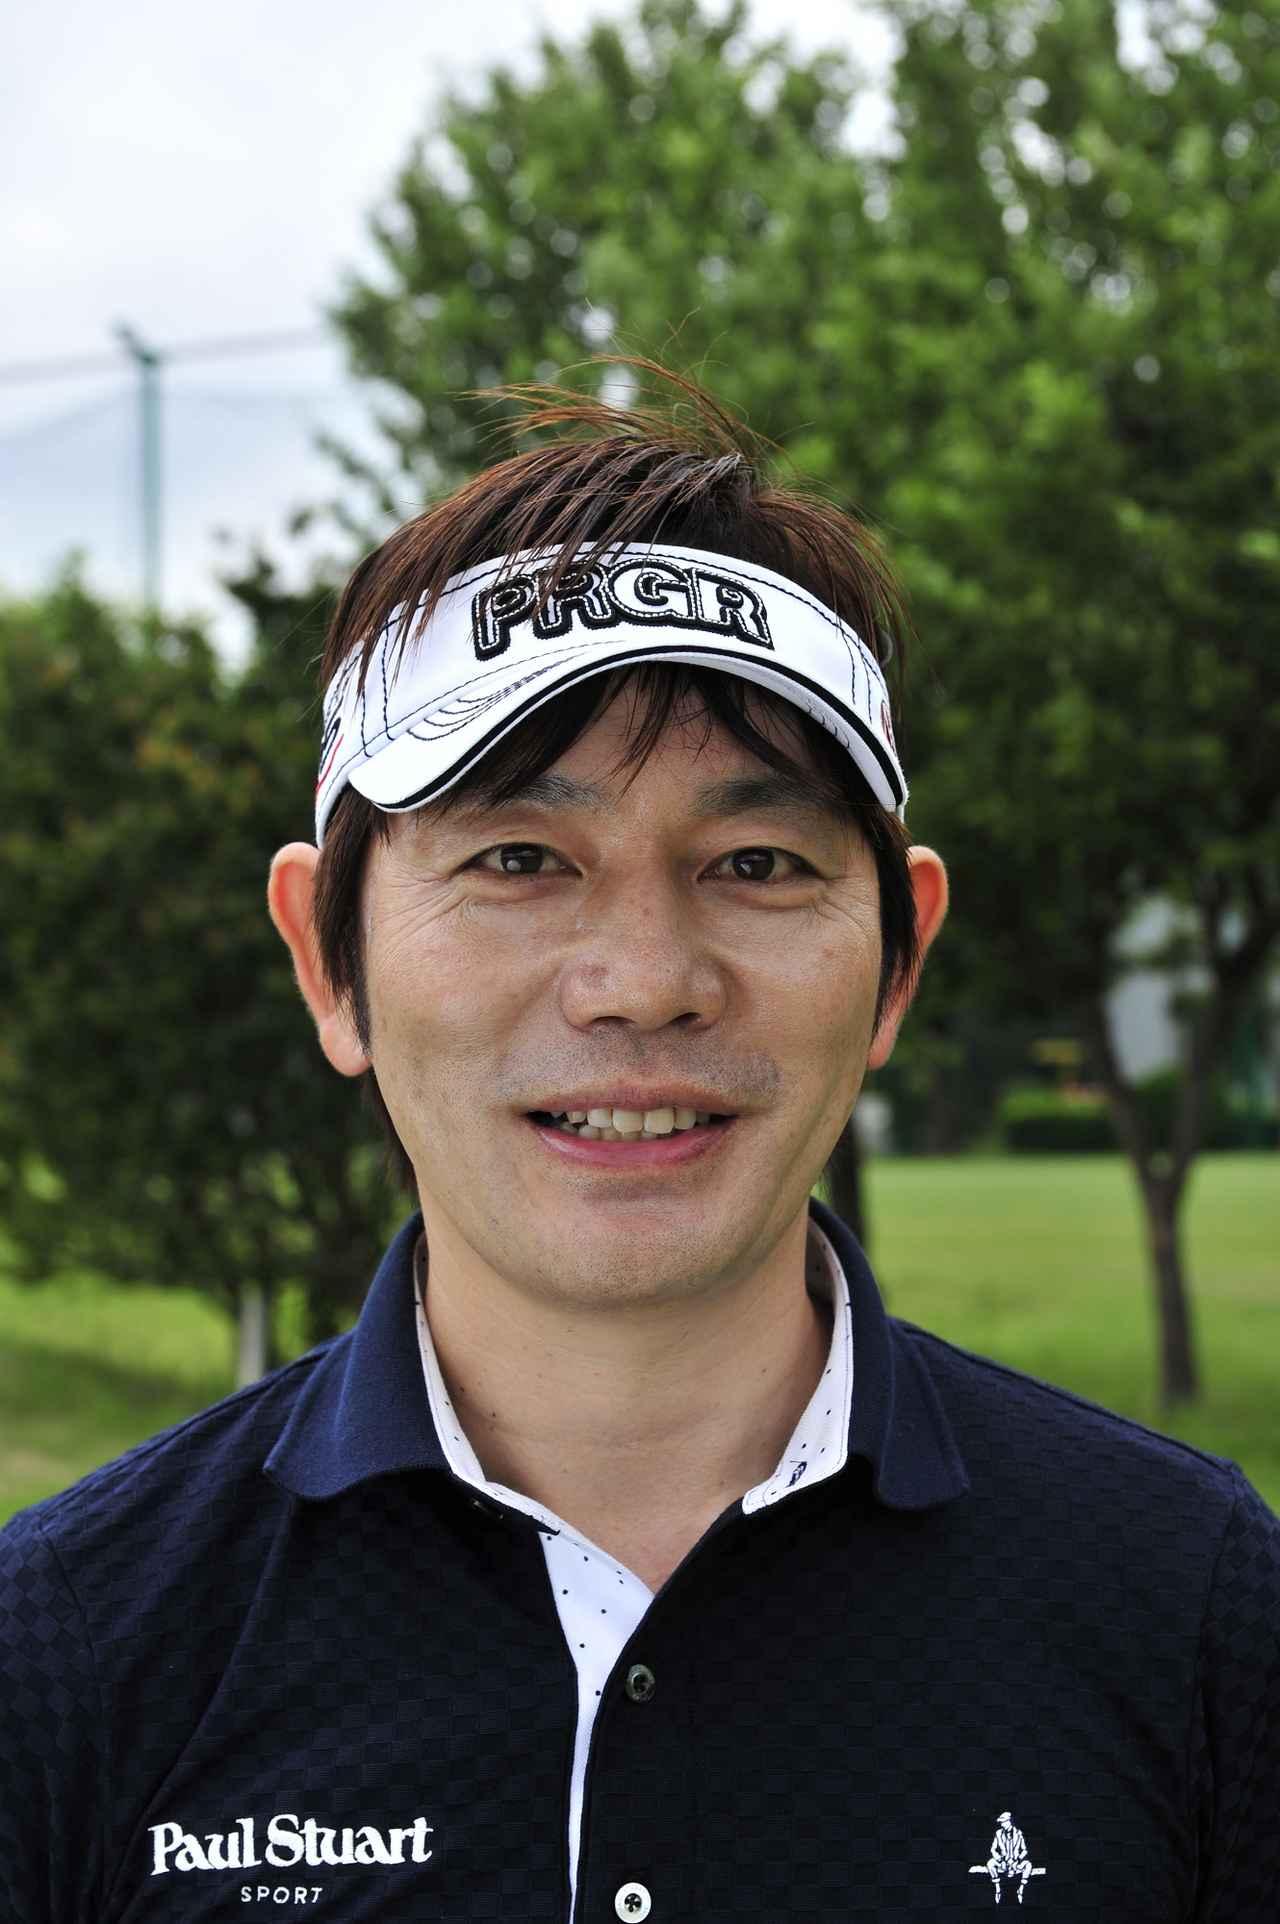 画像: ないとう・ゆうじ。矢野東、平塚哲二らを指導するプロコーチ。米ツアーを定期的に視察していて、松山英樹の練習も間近で見ている